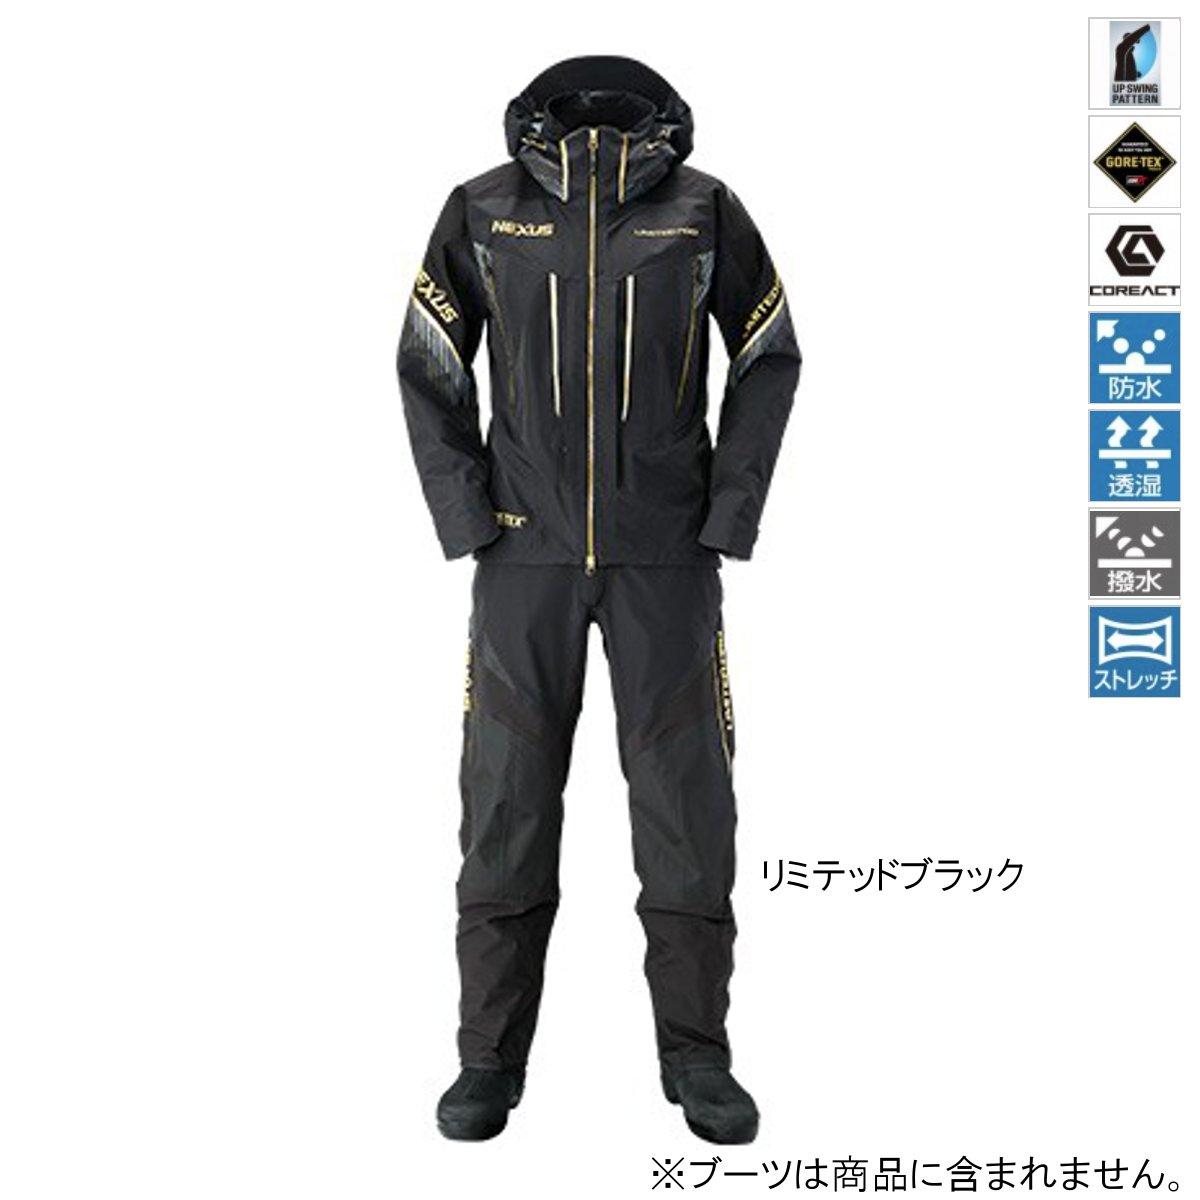 シマノ NEXUS・GORE-TEX レインスーツ LIMITED PRO RA-112S L リミテッドブラック【送料無料】